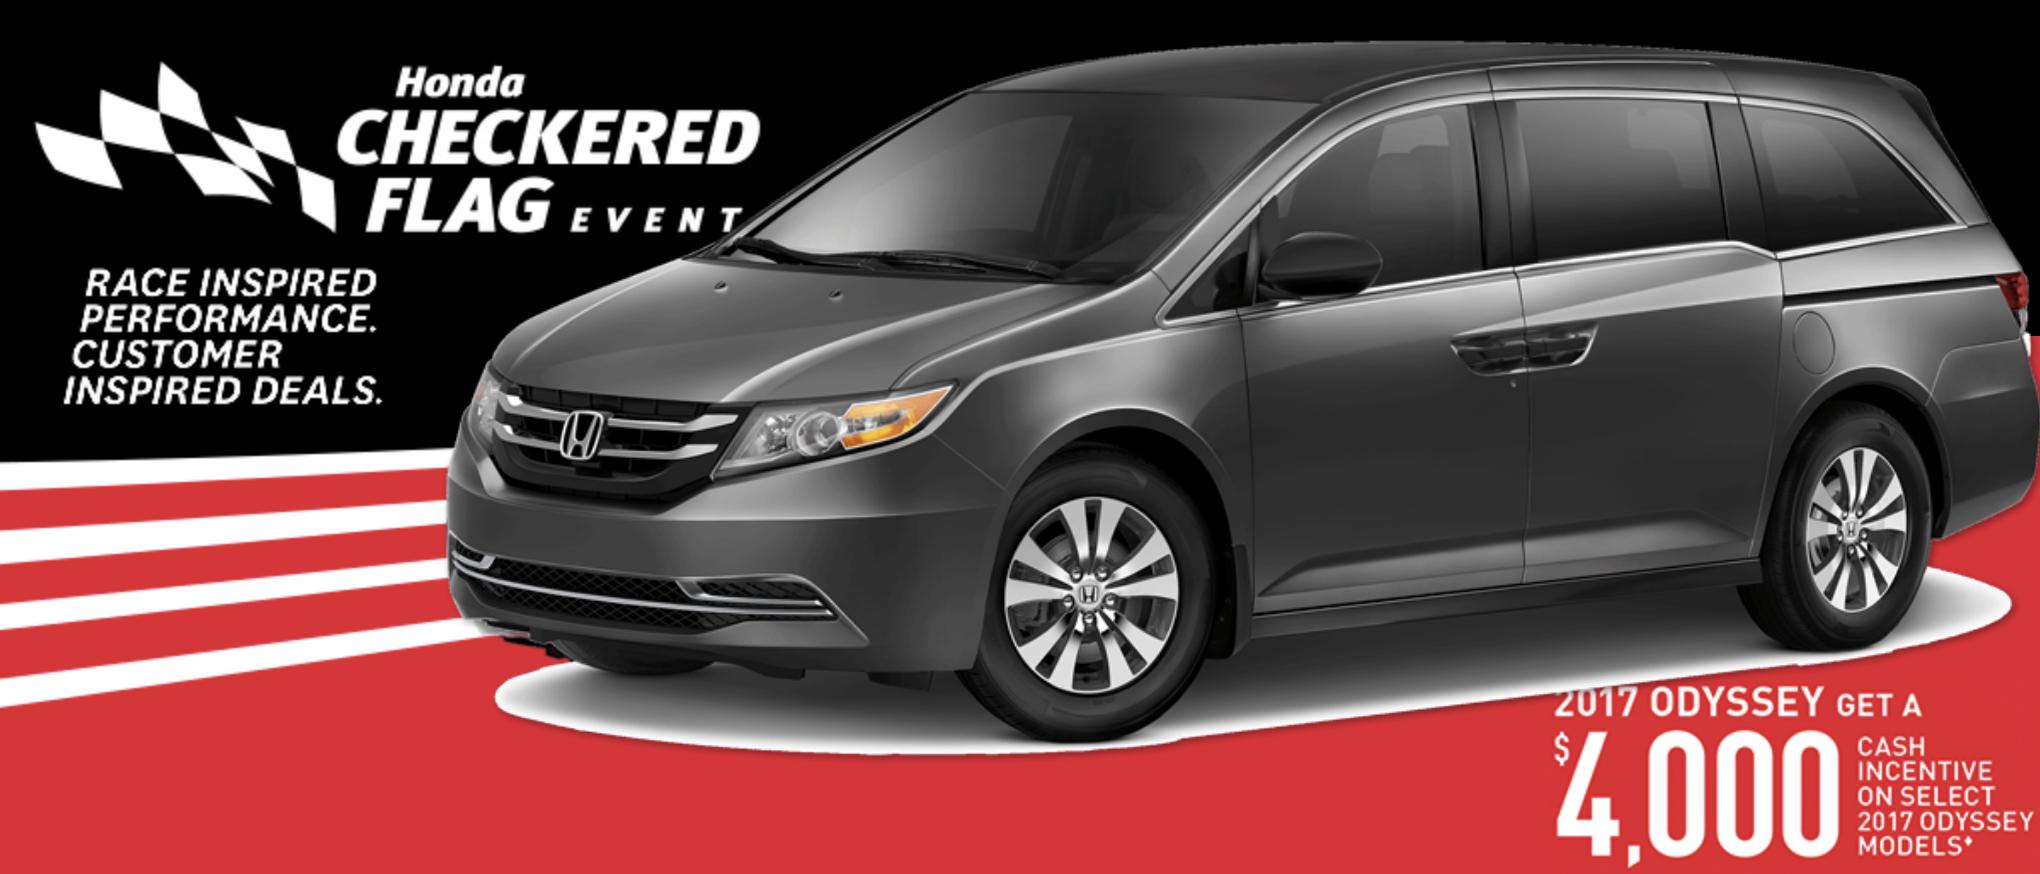 2017 Honda Odyssey Savings